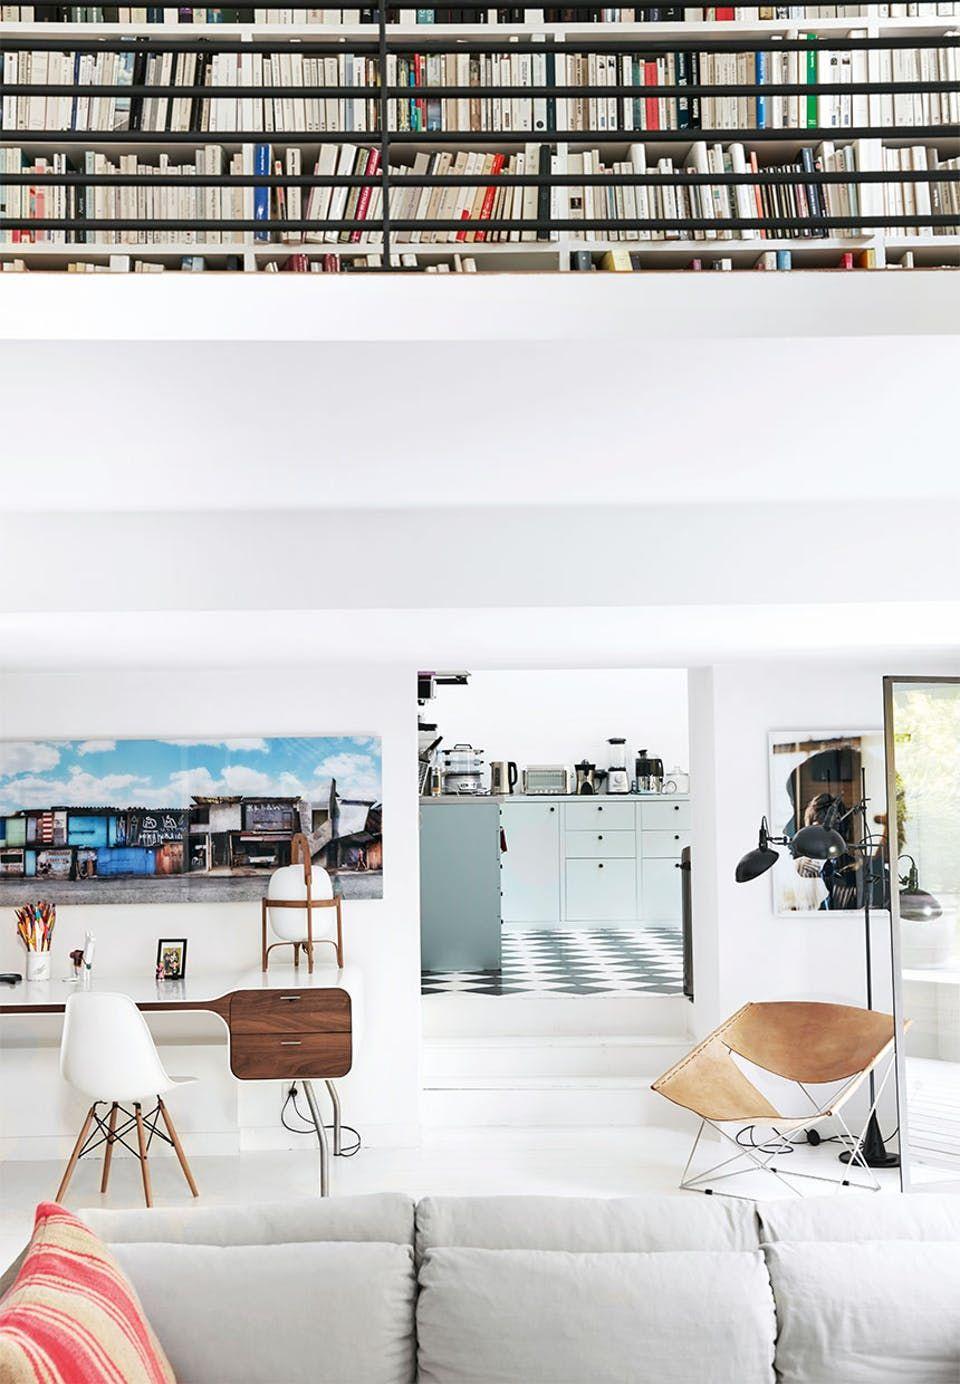 Villa a la Familia: Kig indenfor i den renoverede villa med fokus på ...